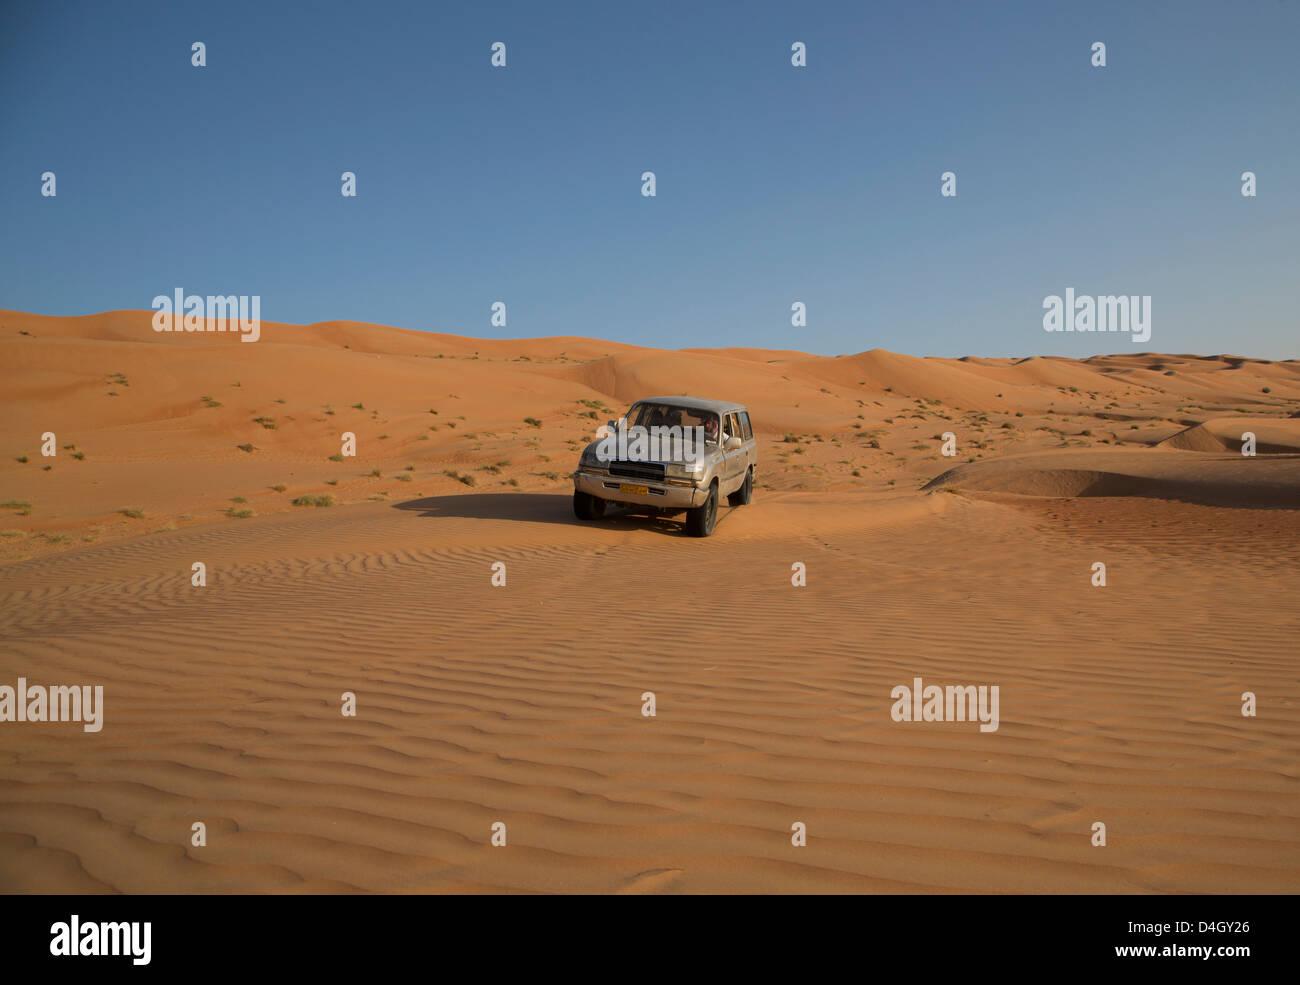 La trazione a quattro ruote motrici sulle dune del deserto, Wahiba, Oman, Medio Oriente Immagini Stock